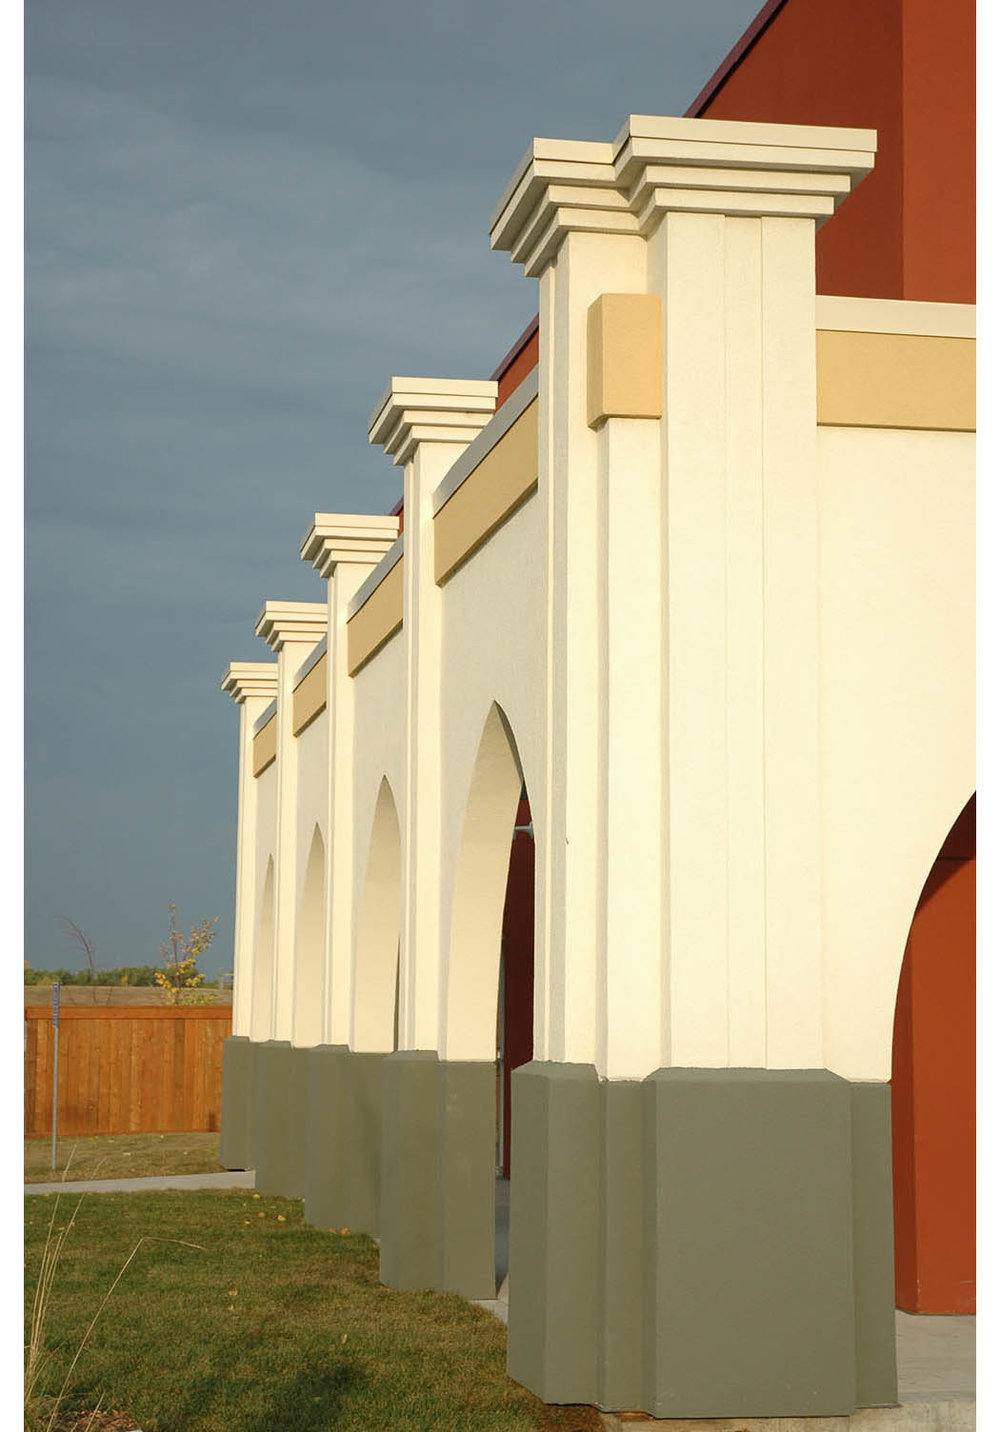 Punjab Cultural Centre, exterior detail photo of building / Photo: Derrick Finch